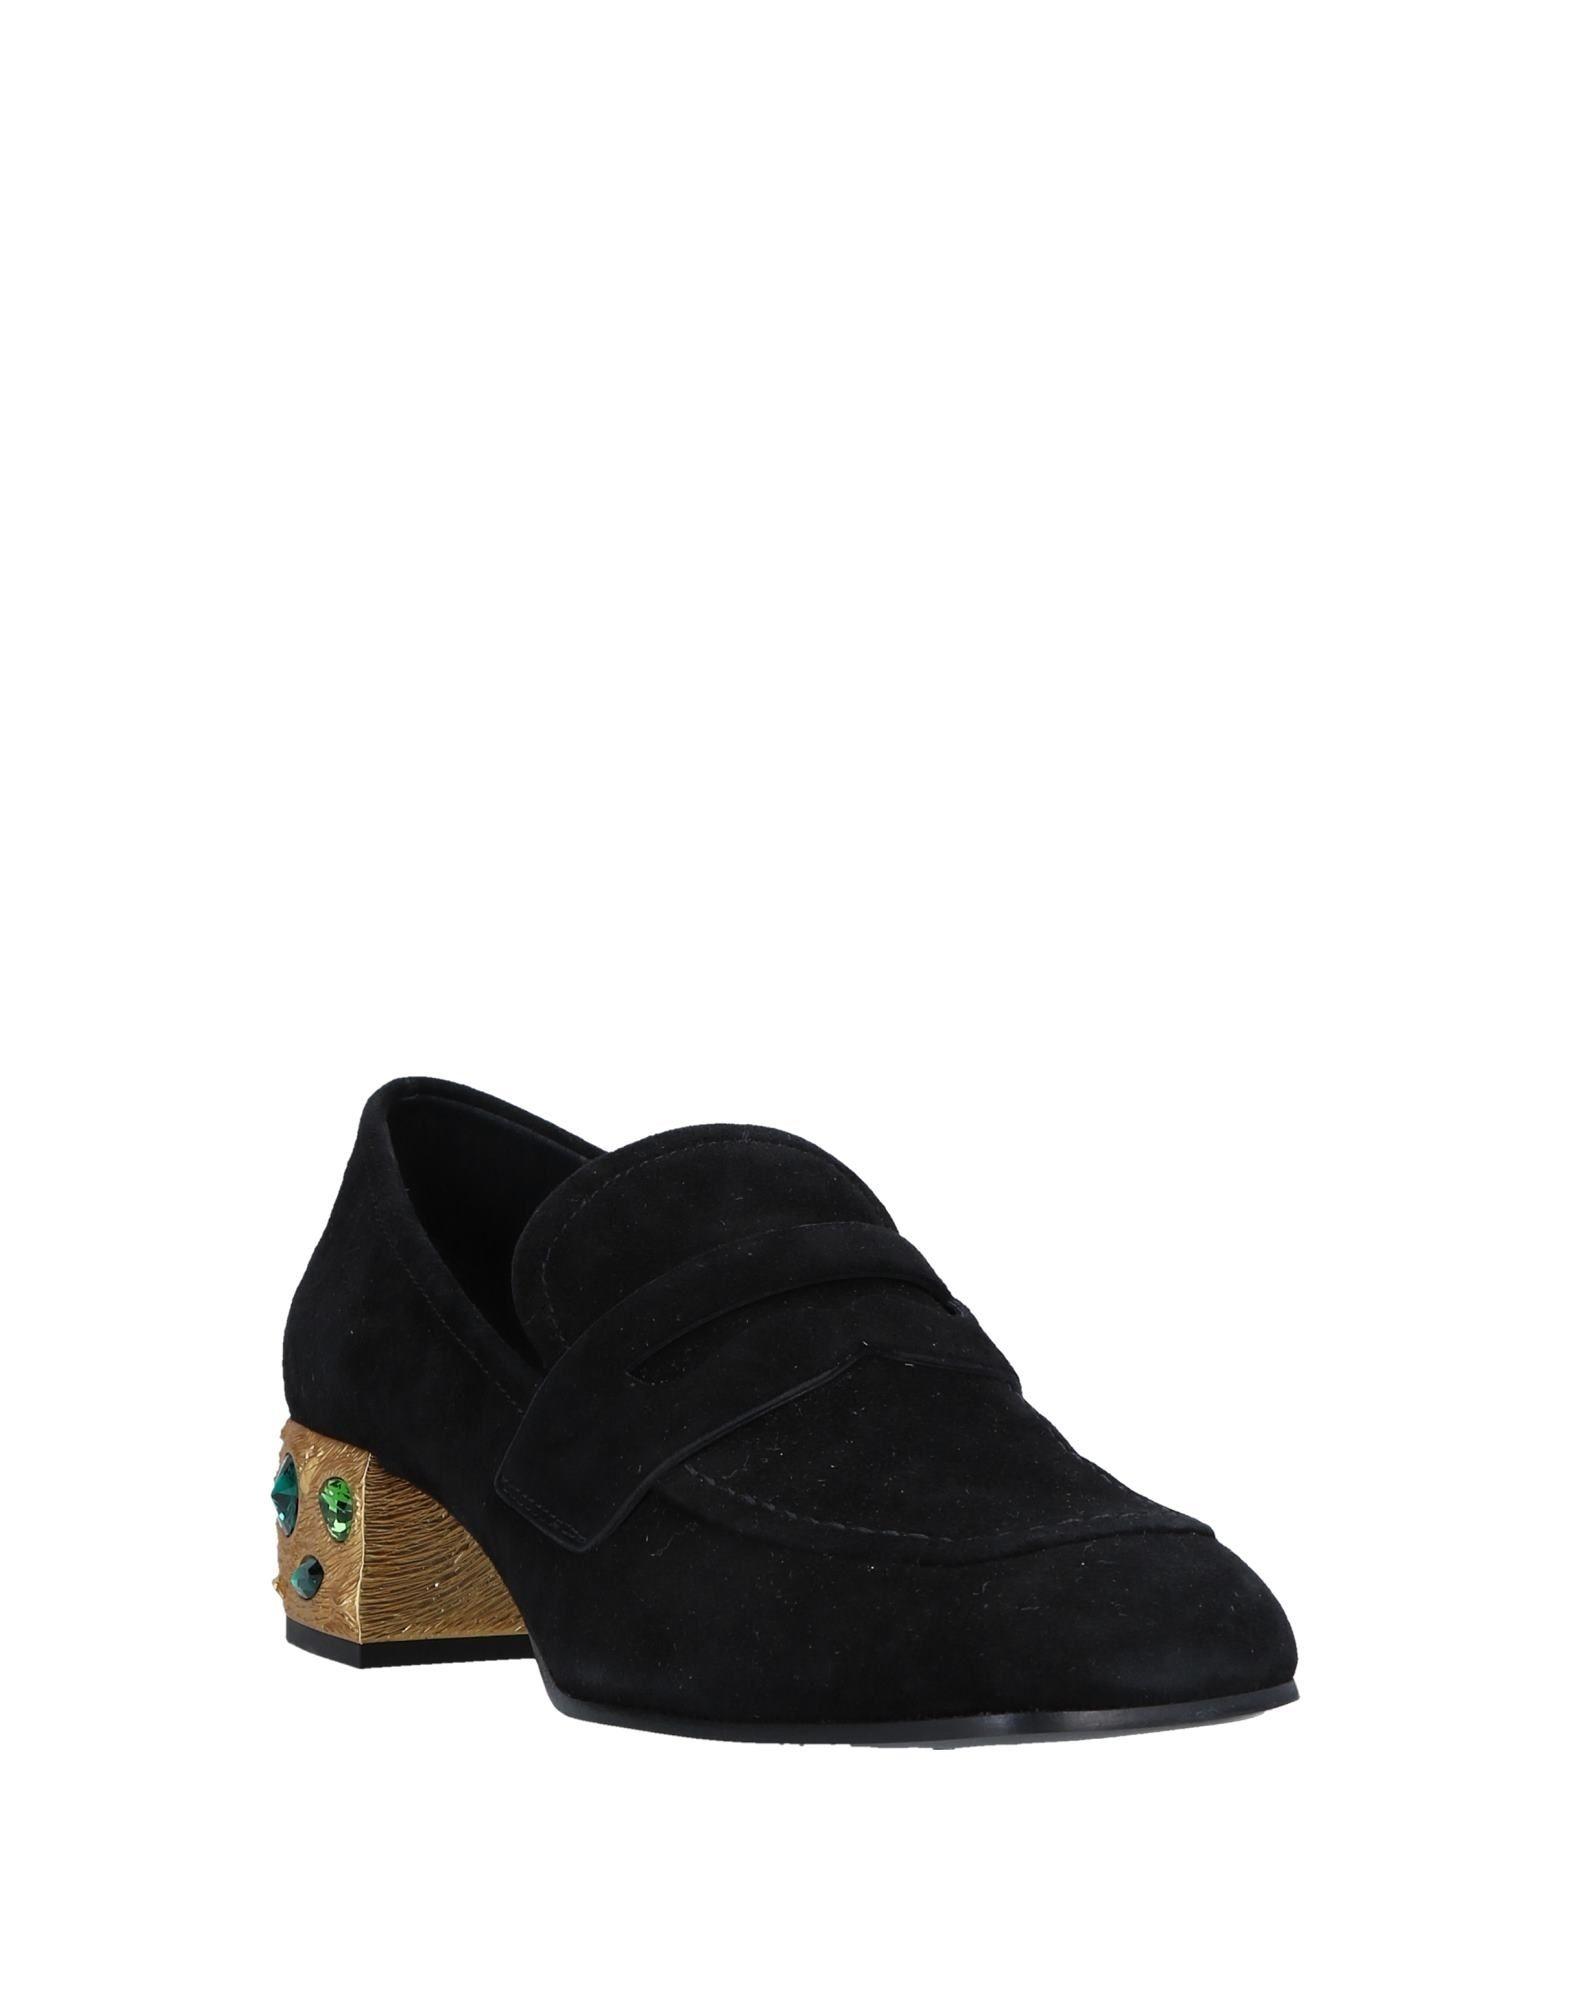 Prada gut Mokassins Damen  11542888HCGünstige gut Prada aussehende Schuhe e4f87d